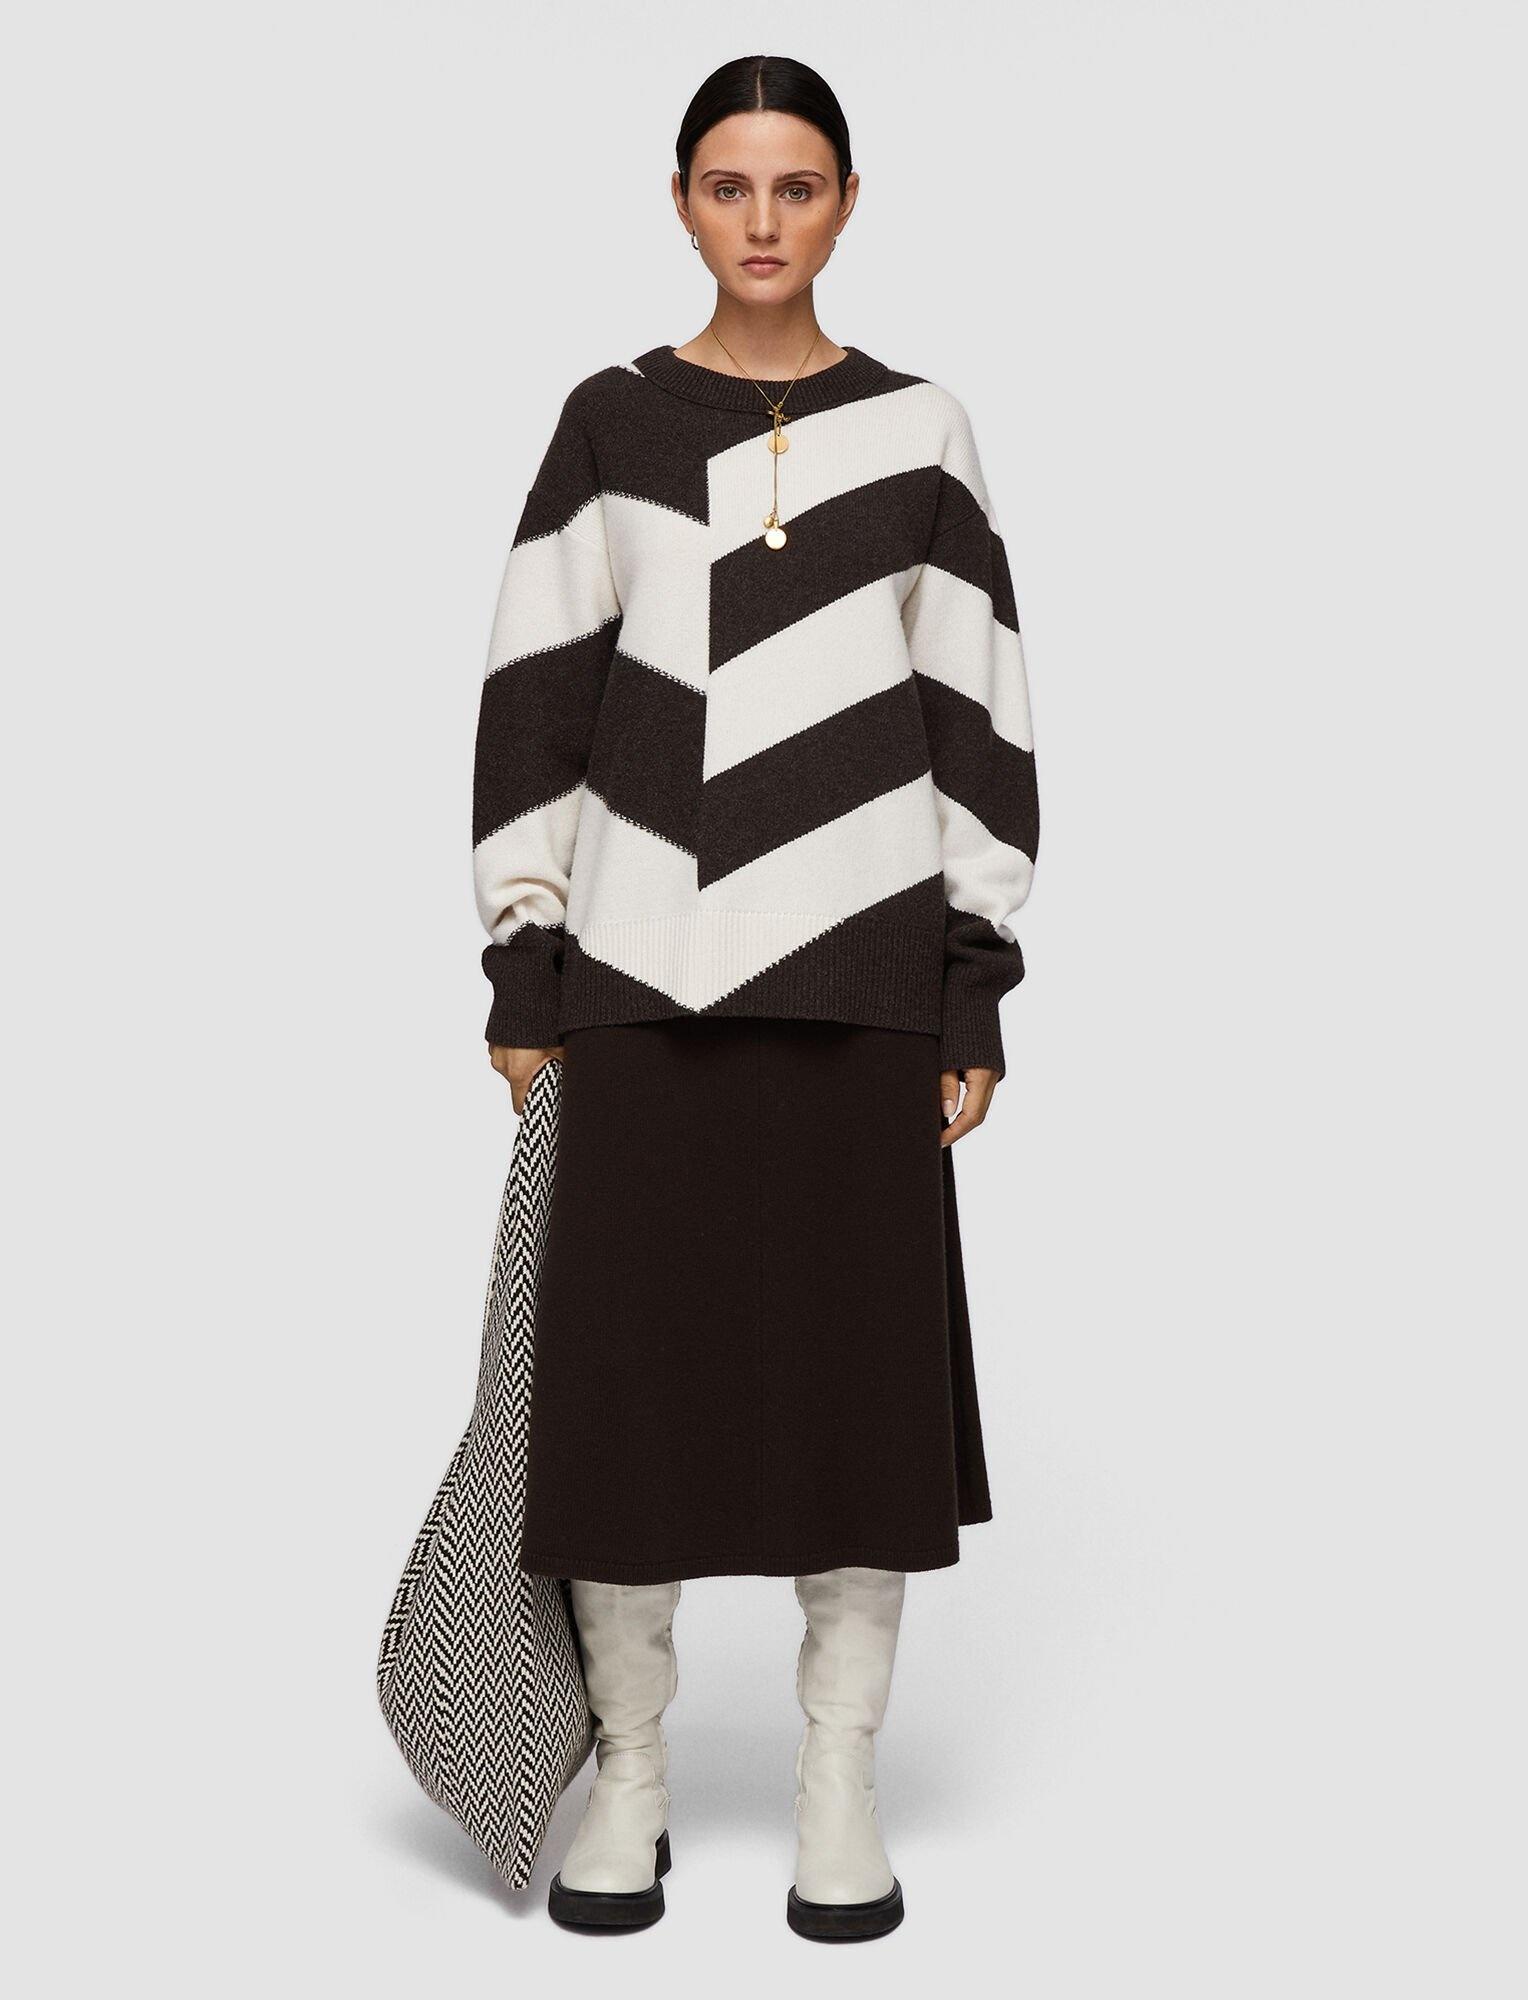 Round Neck Sweater Chevron Knit Brown